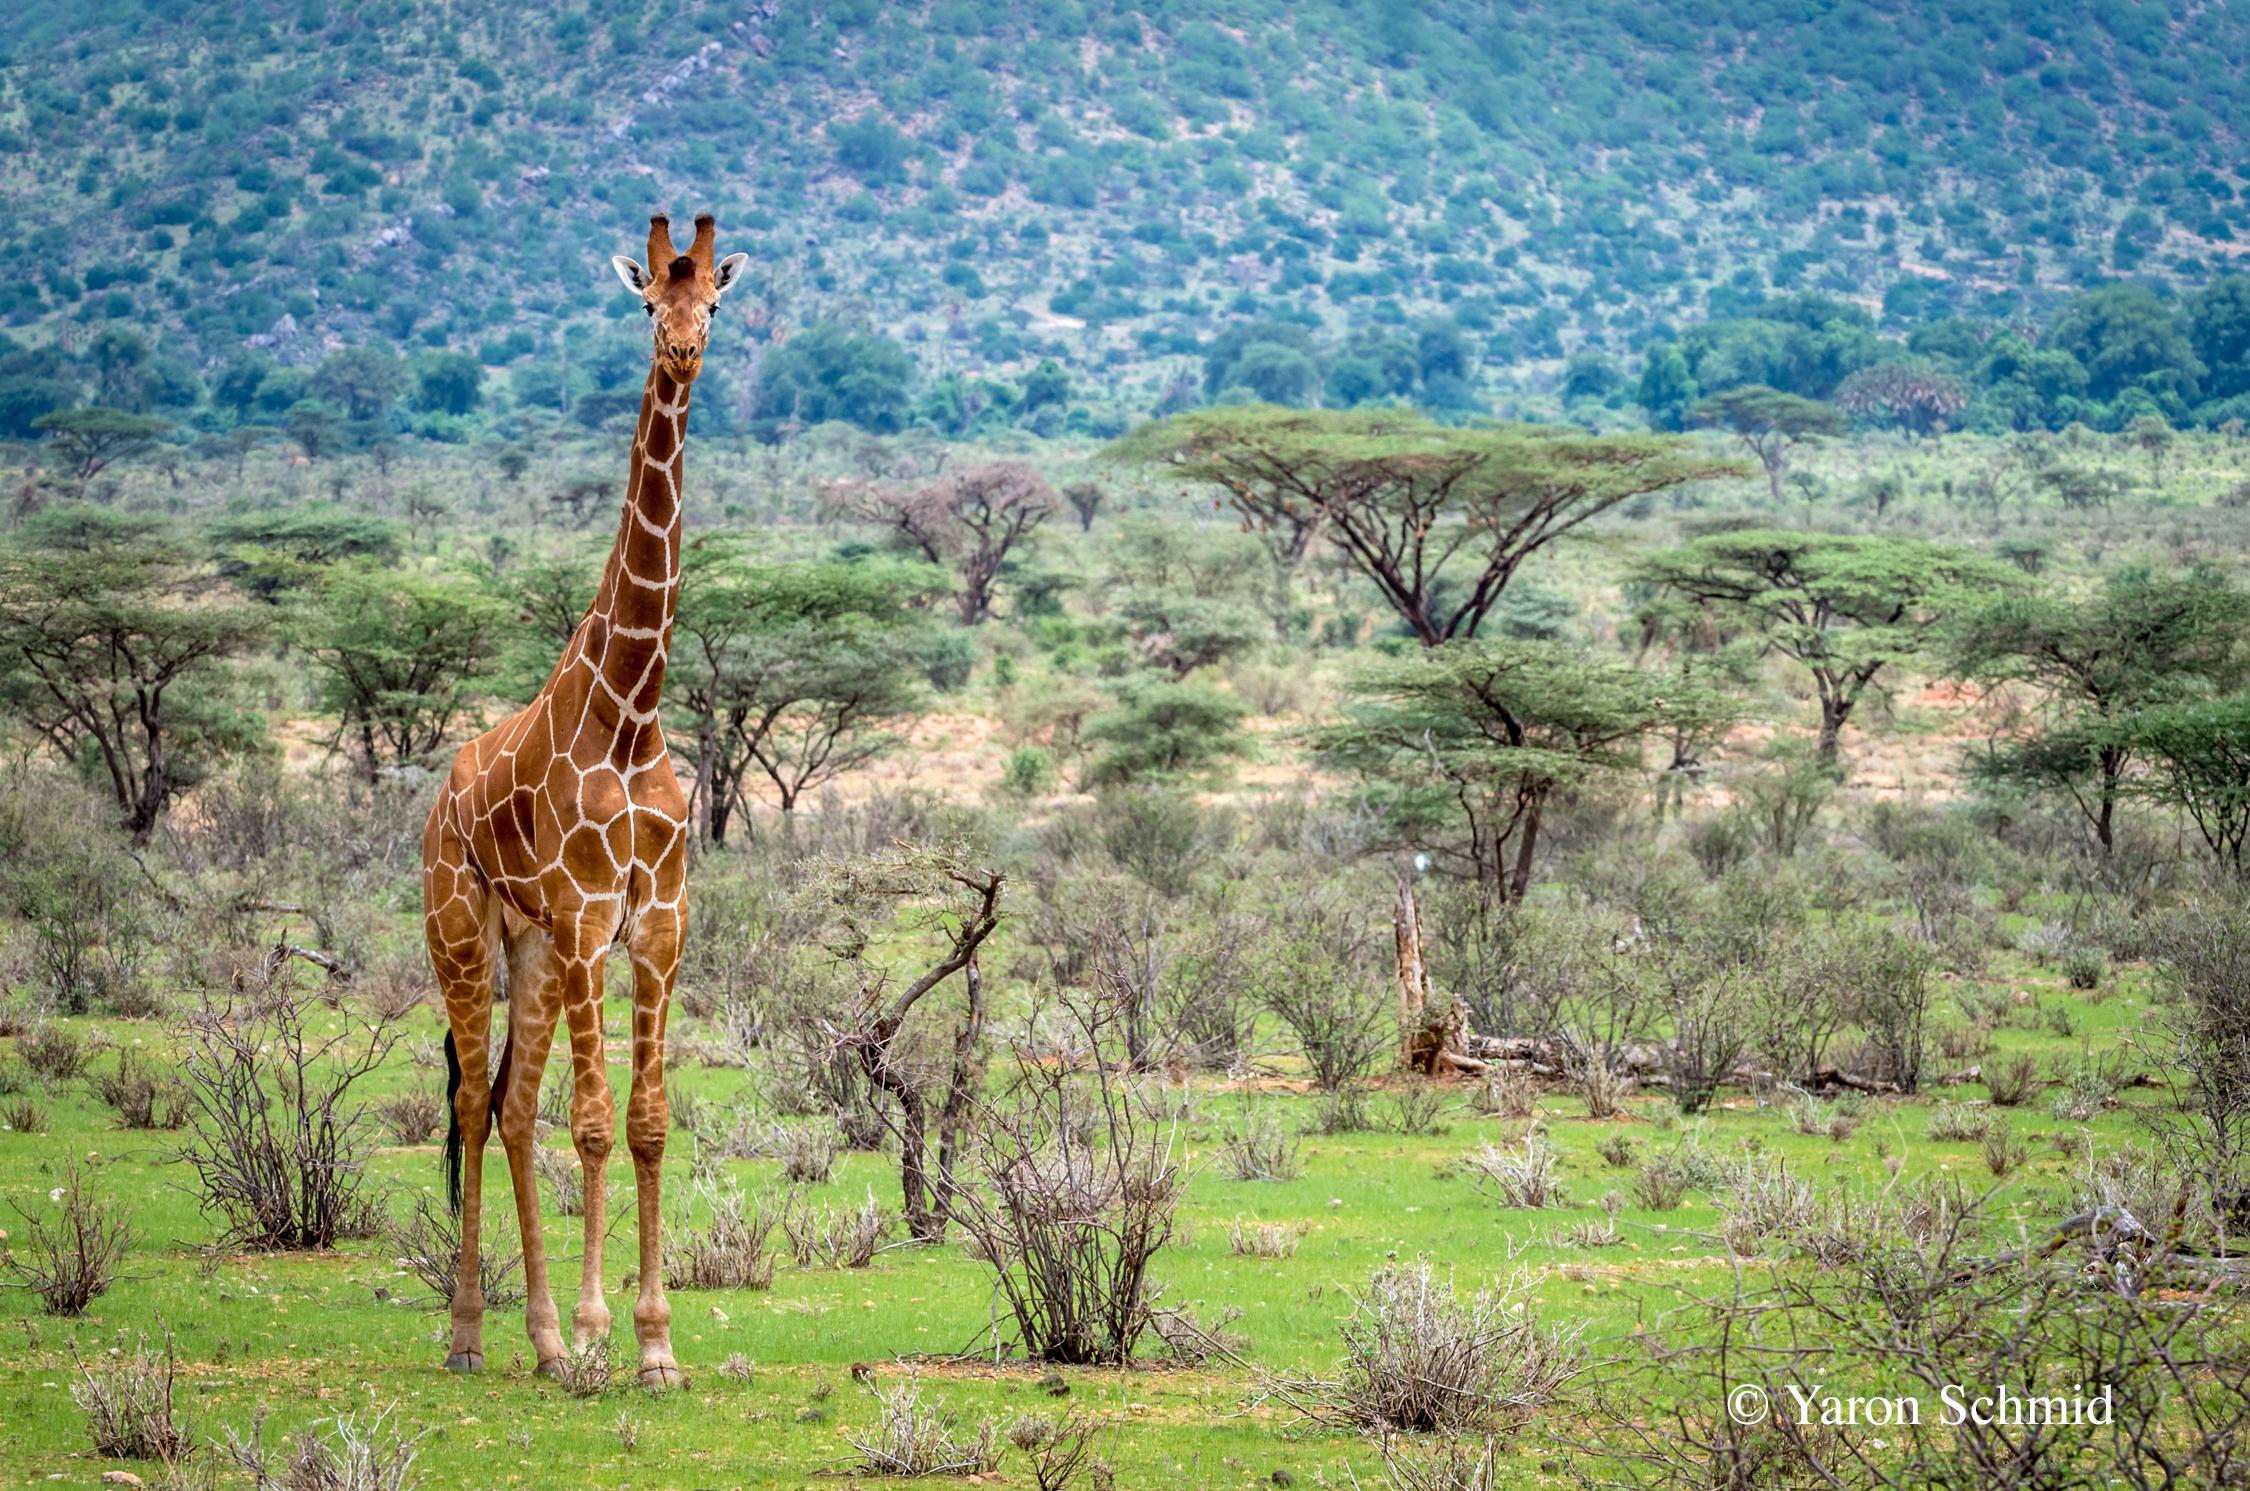 Samburu in Green